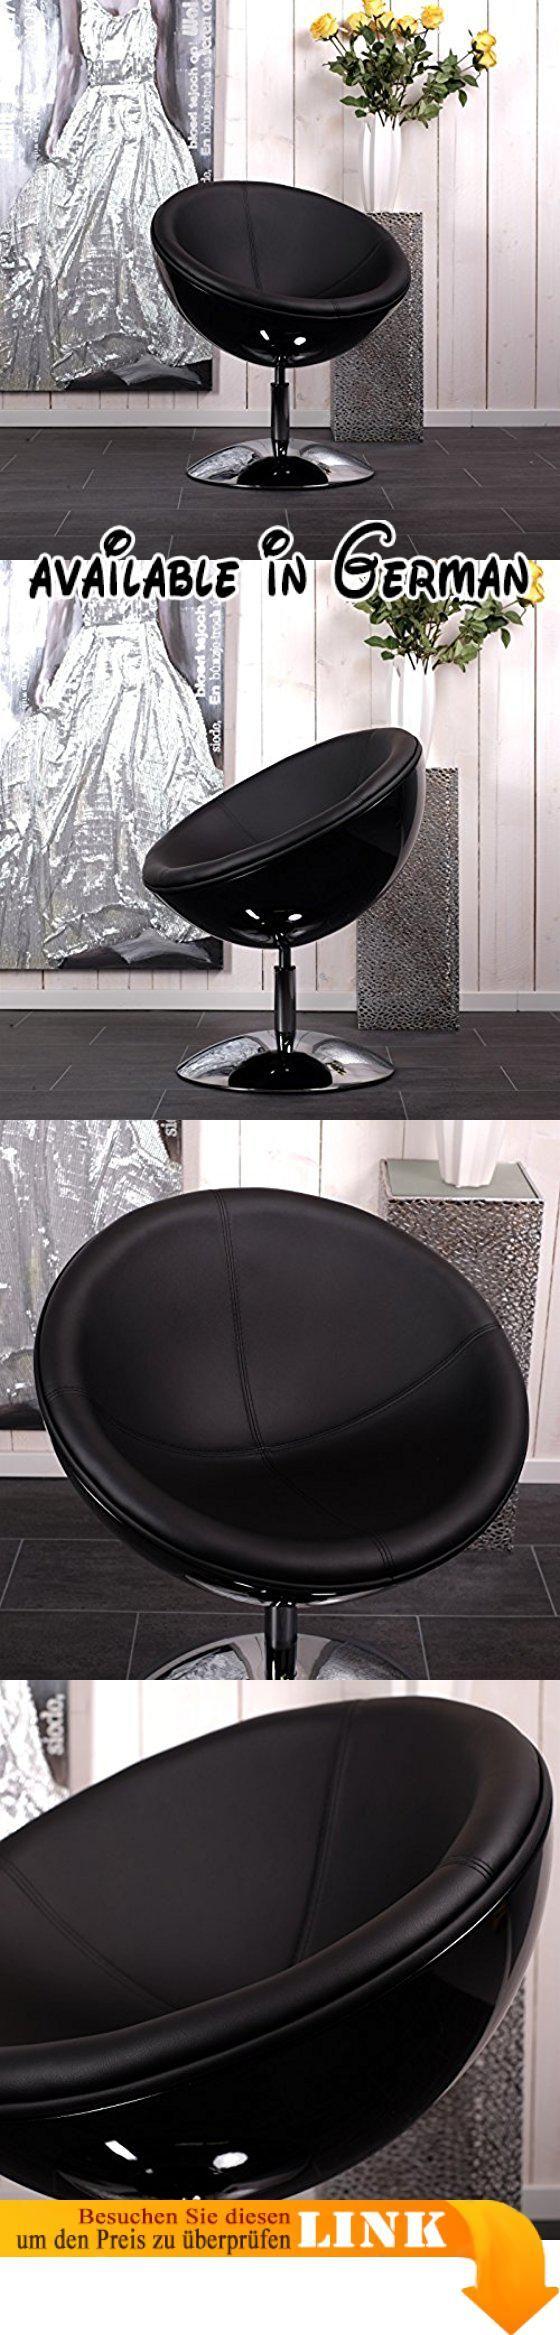 B004D2WDJM : DESIGNER SCHALENSESSEL retro Möbel Lounge Cocktailsessel bequem gepolstert C13 schwarz-schwarz. gepolstert und drehbar in einzigartiger Symbiose aus Design und Material. Gestell: verchromter Stahl. Maßen ca. Höhe:79cm Durchmesser:70cm Höhe Lehne 36cm Gewicht 12 Kg. Wählen Sie Ihre Lieblingsfarben! Erste angegebene Farbe: Schale zweite Farbe: Sitz. Sitz: gepolstert mit LederTex Schale: glasfaserverstärkter Kunststoff (gfK) lackiert